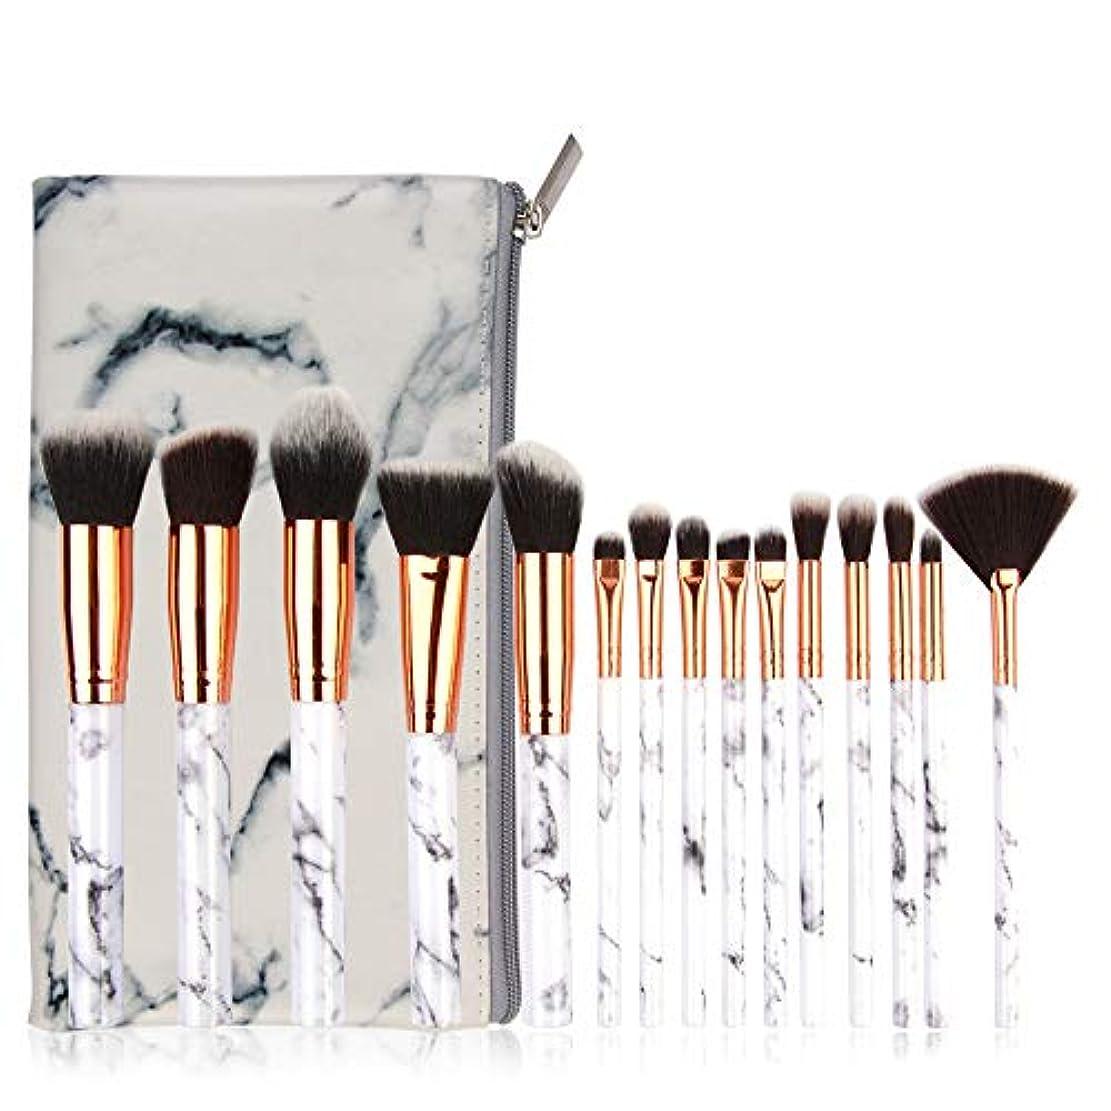 状況限界ありそうAkane 15本 MAANGE 大理石紋 超気質的 優雅 多機能 高級 綺麗 魅力 柔らかい 上等な使用感 たっぷり 激安 日常 仕事 おしゃれ 簡単使い Makeup Brush メイクアップブラシ (3タイプ) MAG5690...